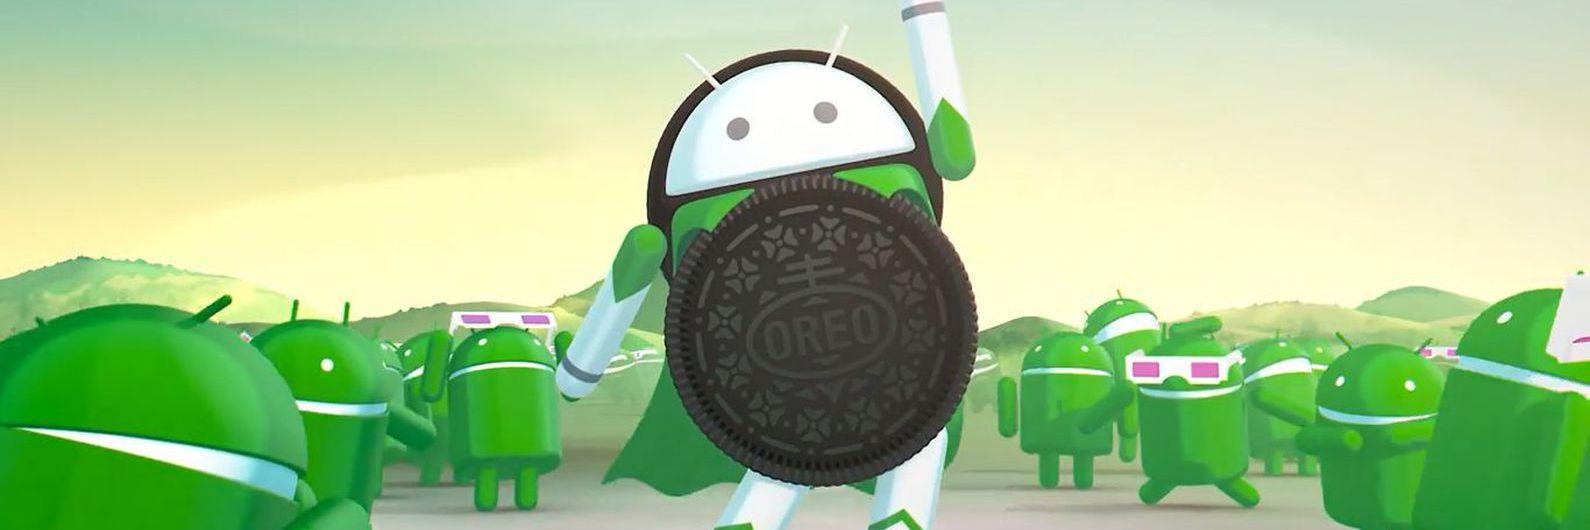 """Android Oreo sucede a Nougat mas """"quem manda"""" é a versão Marshmallow"""